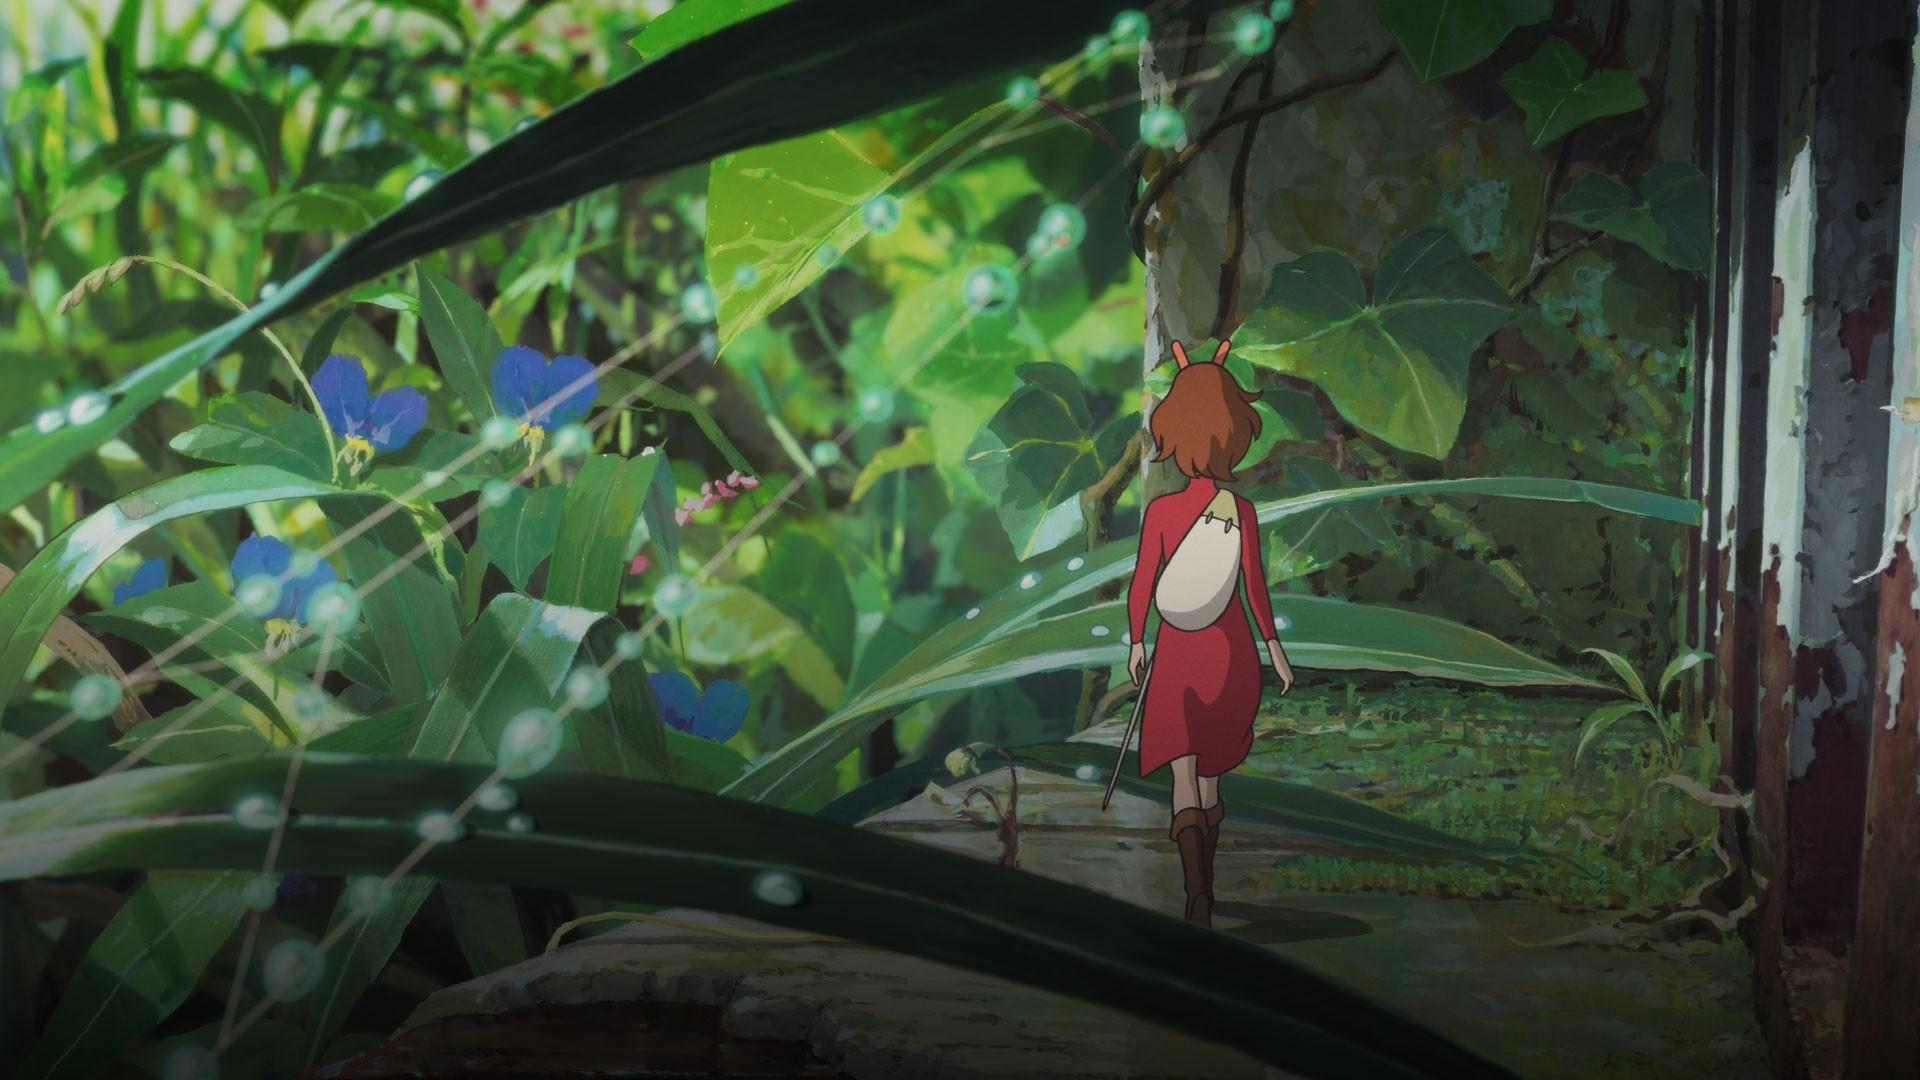 Arrietty y el mundo de los diminutos Fondo de pantalla HD | Fondo de  Escritorio | 1920x1080 | ID:507462 - Wallpaper Abyss